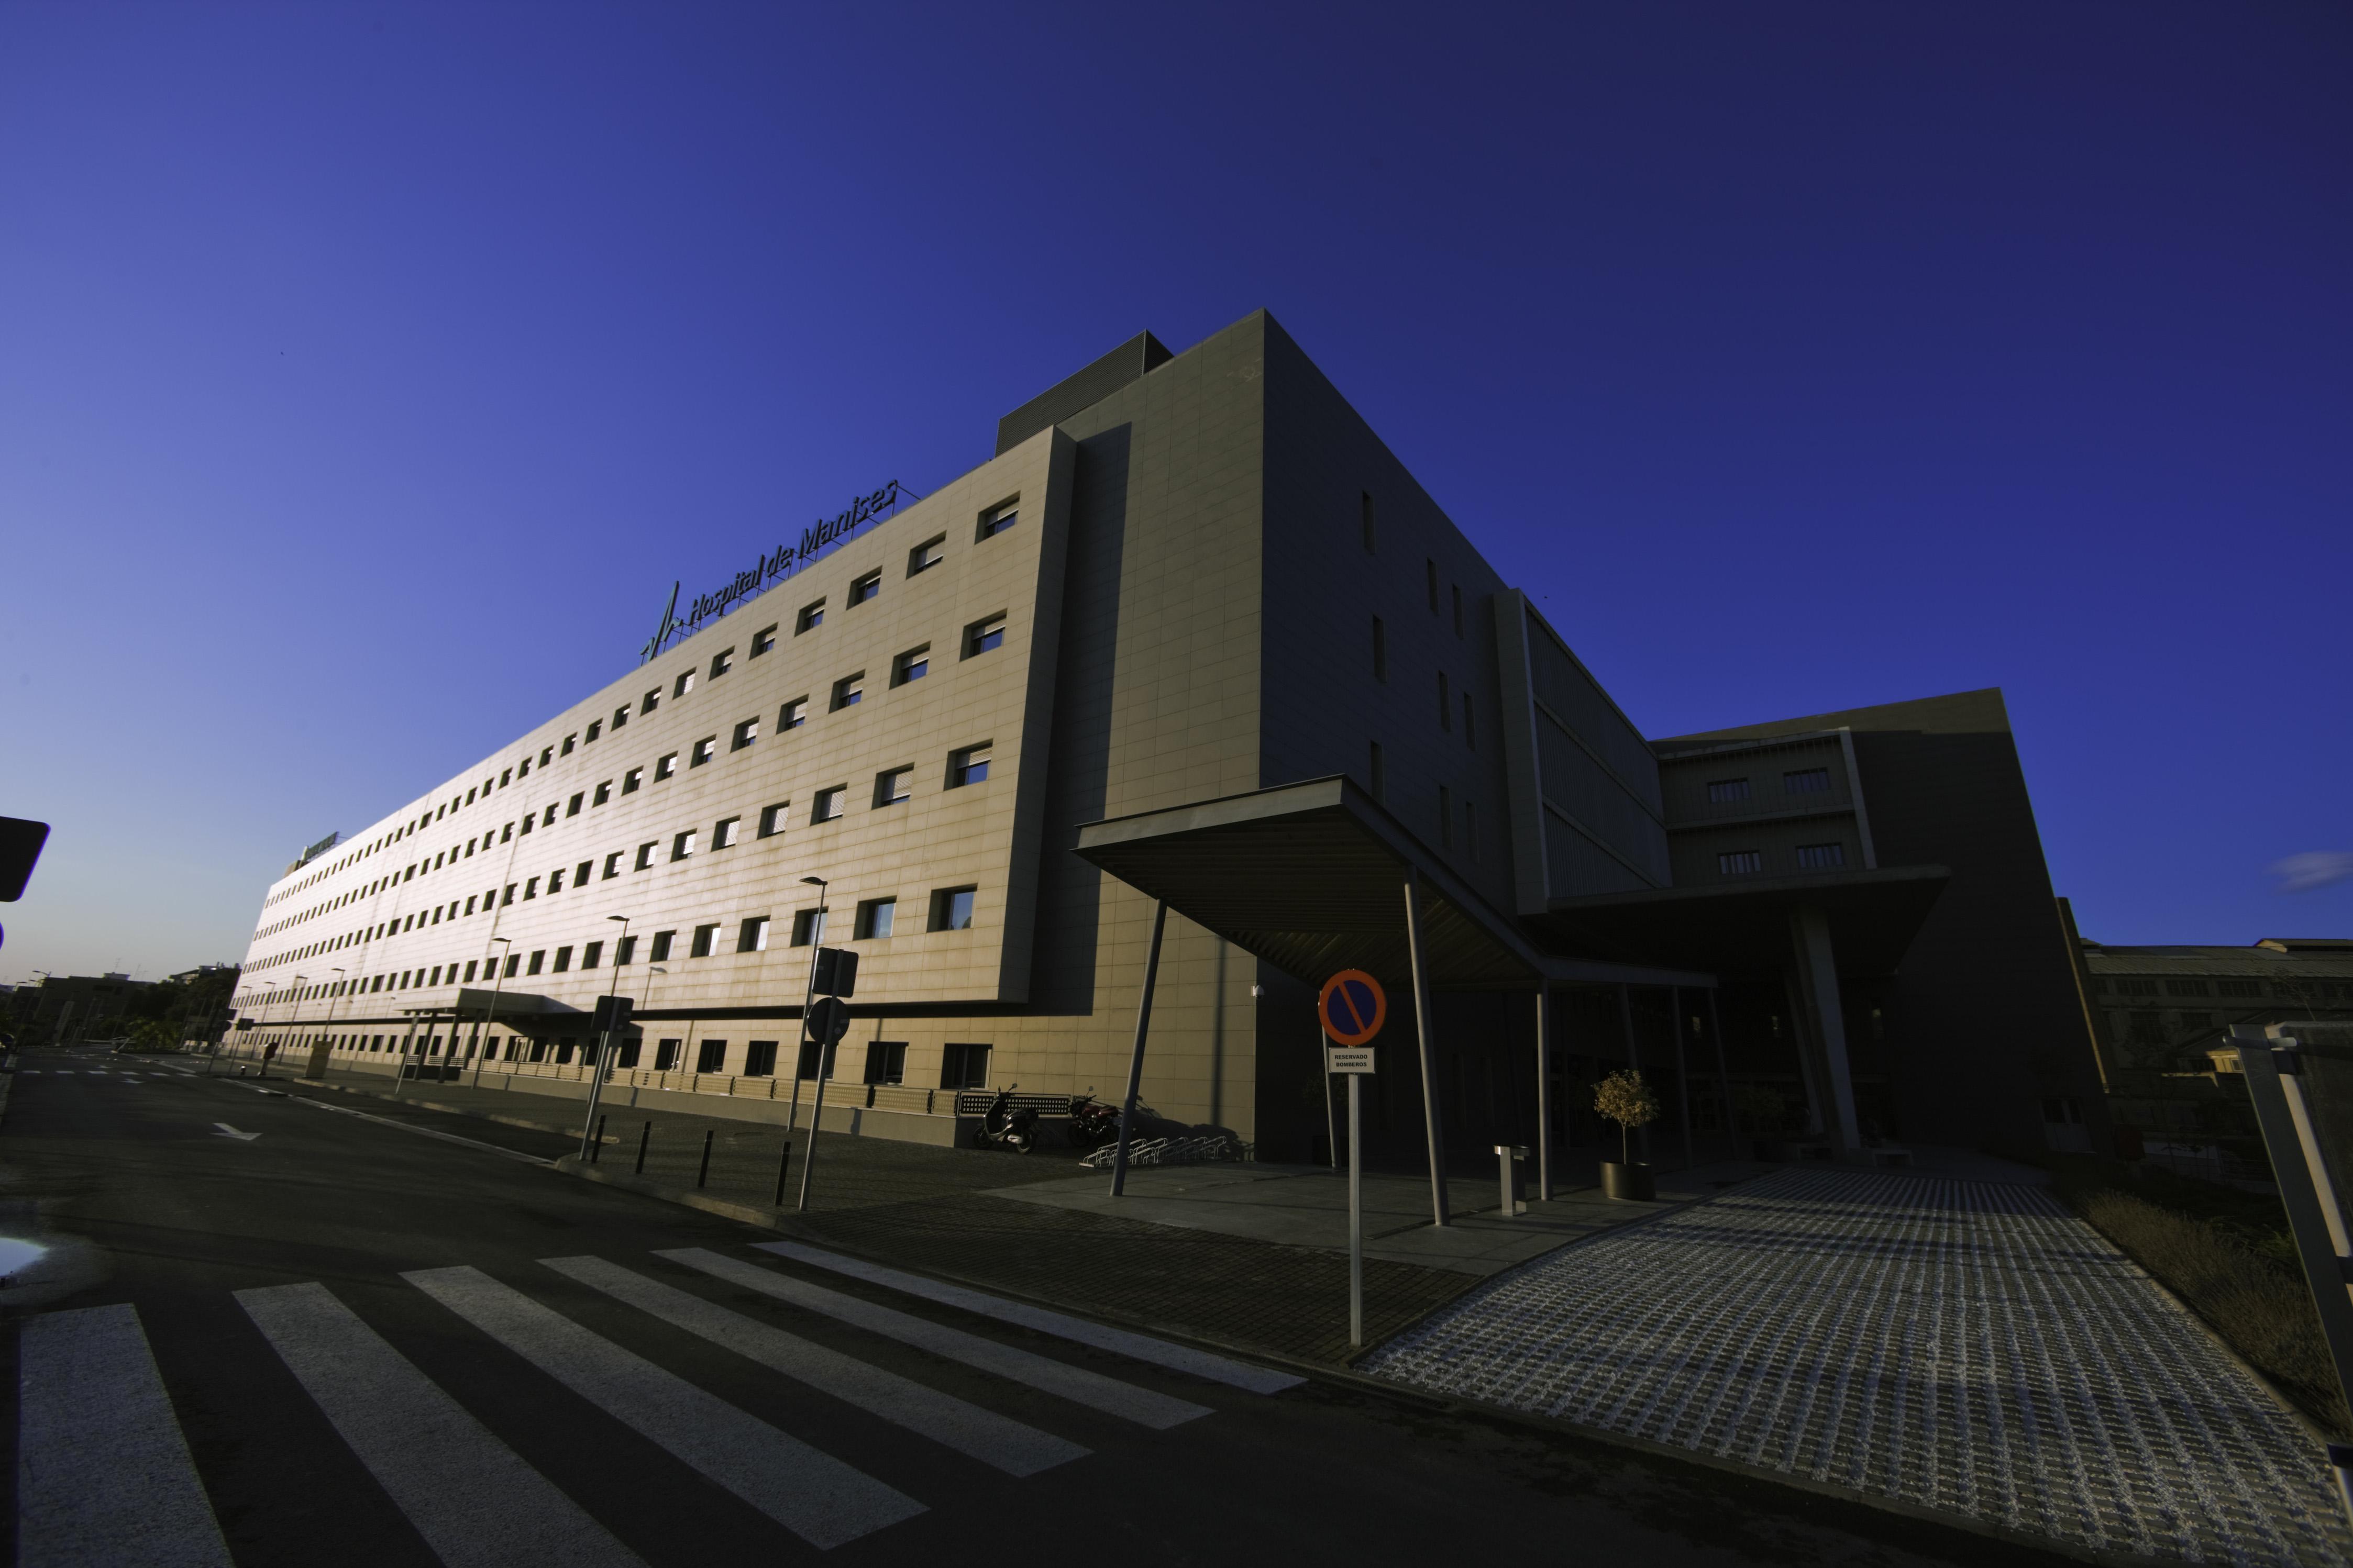 El centro realizó el año pasado 19.210 operaciones, con una demora media de 40 días, un 54% inferior a los hospitales públicos valencianos.